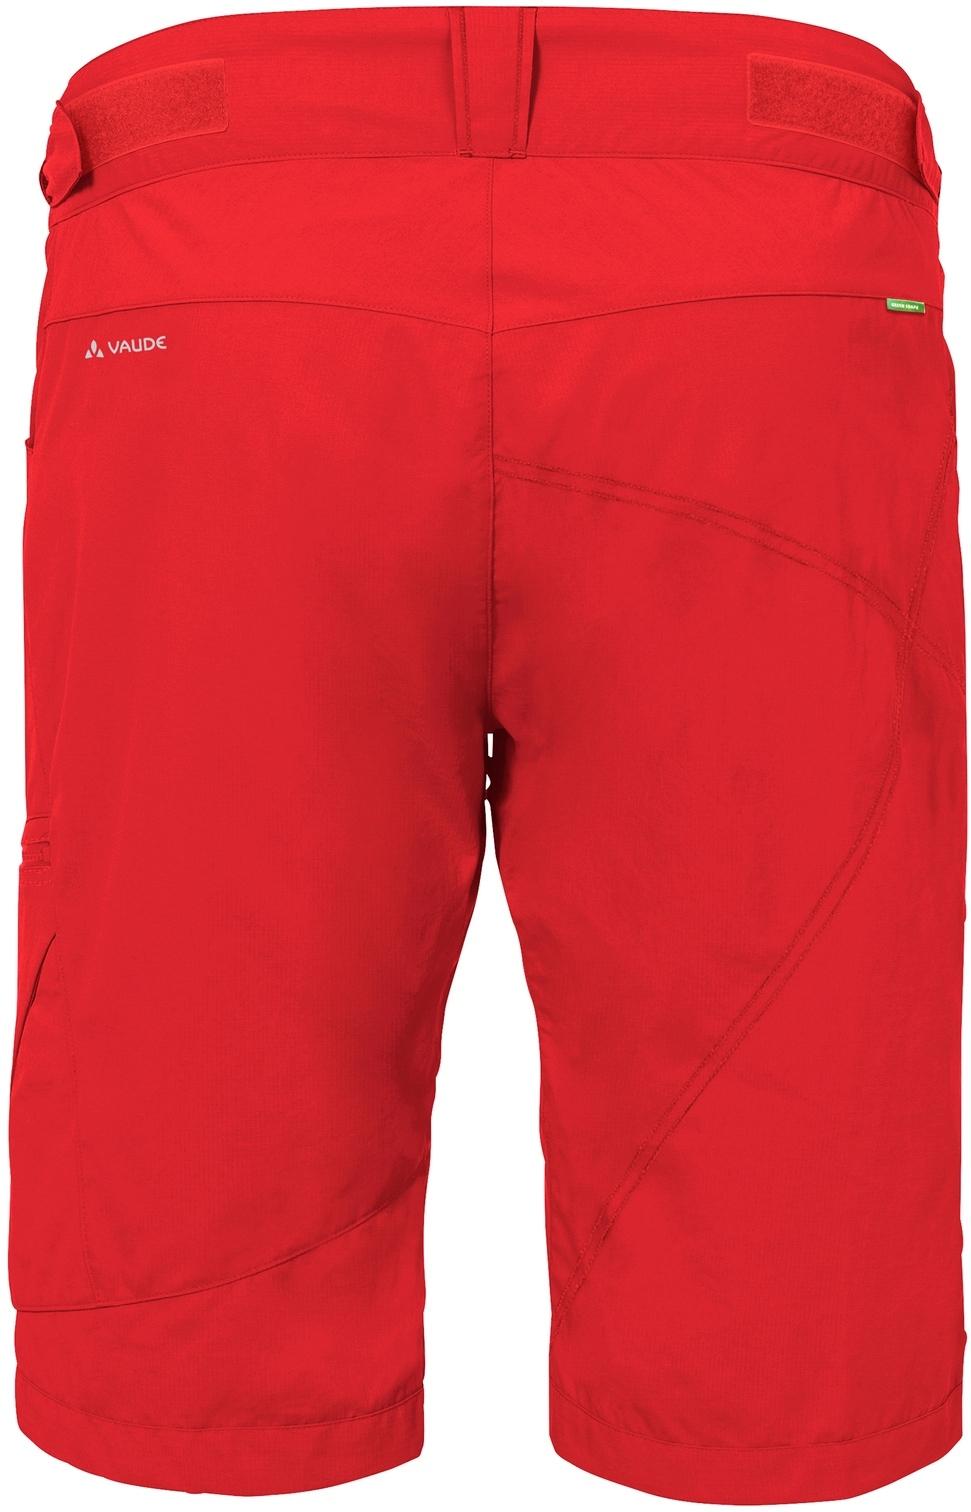 Bild von Vaude Tamaro Shorts - mars red